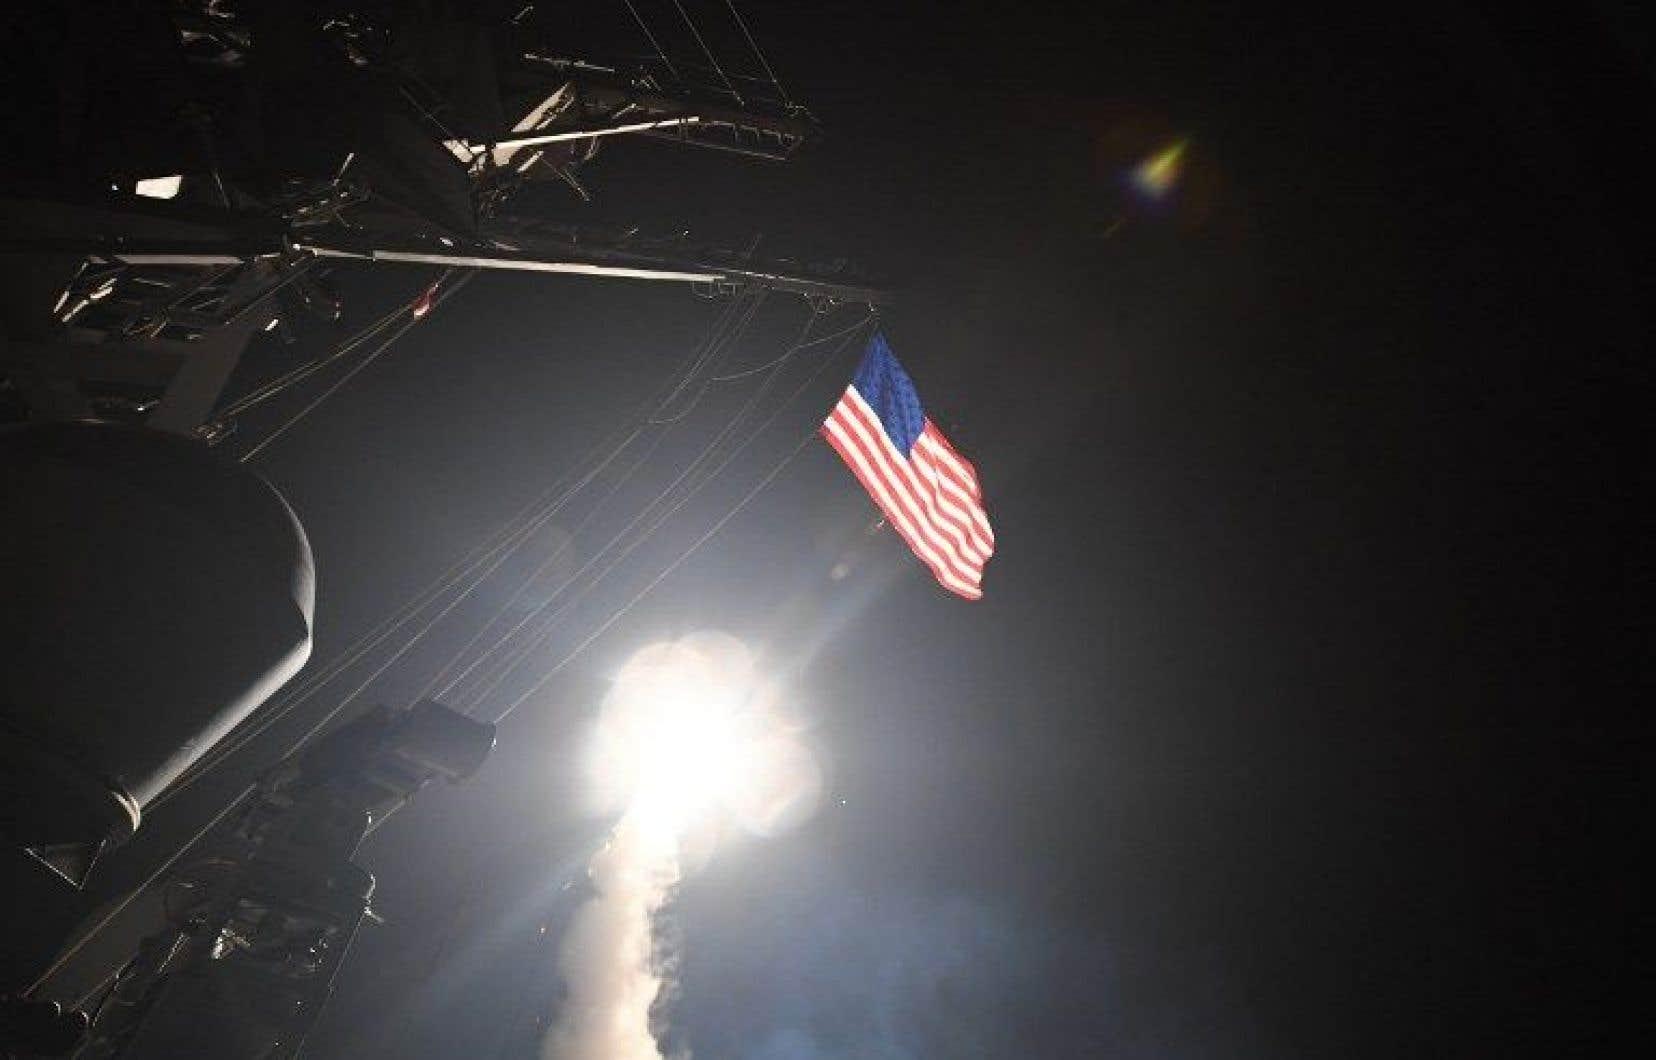 Les missiles ont été tirés depuis les bateaux de guerre américains <em>USS Porter</em> et <em>USS Ross</em> qui se trouvent actuellement en Méditerranée orientale.